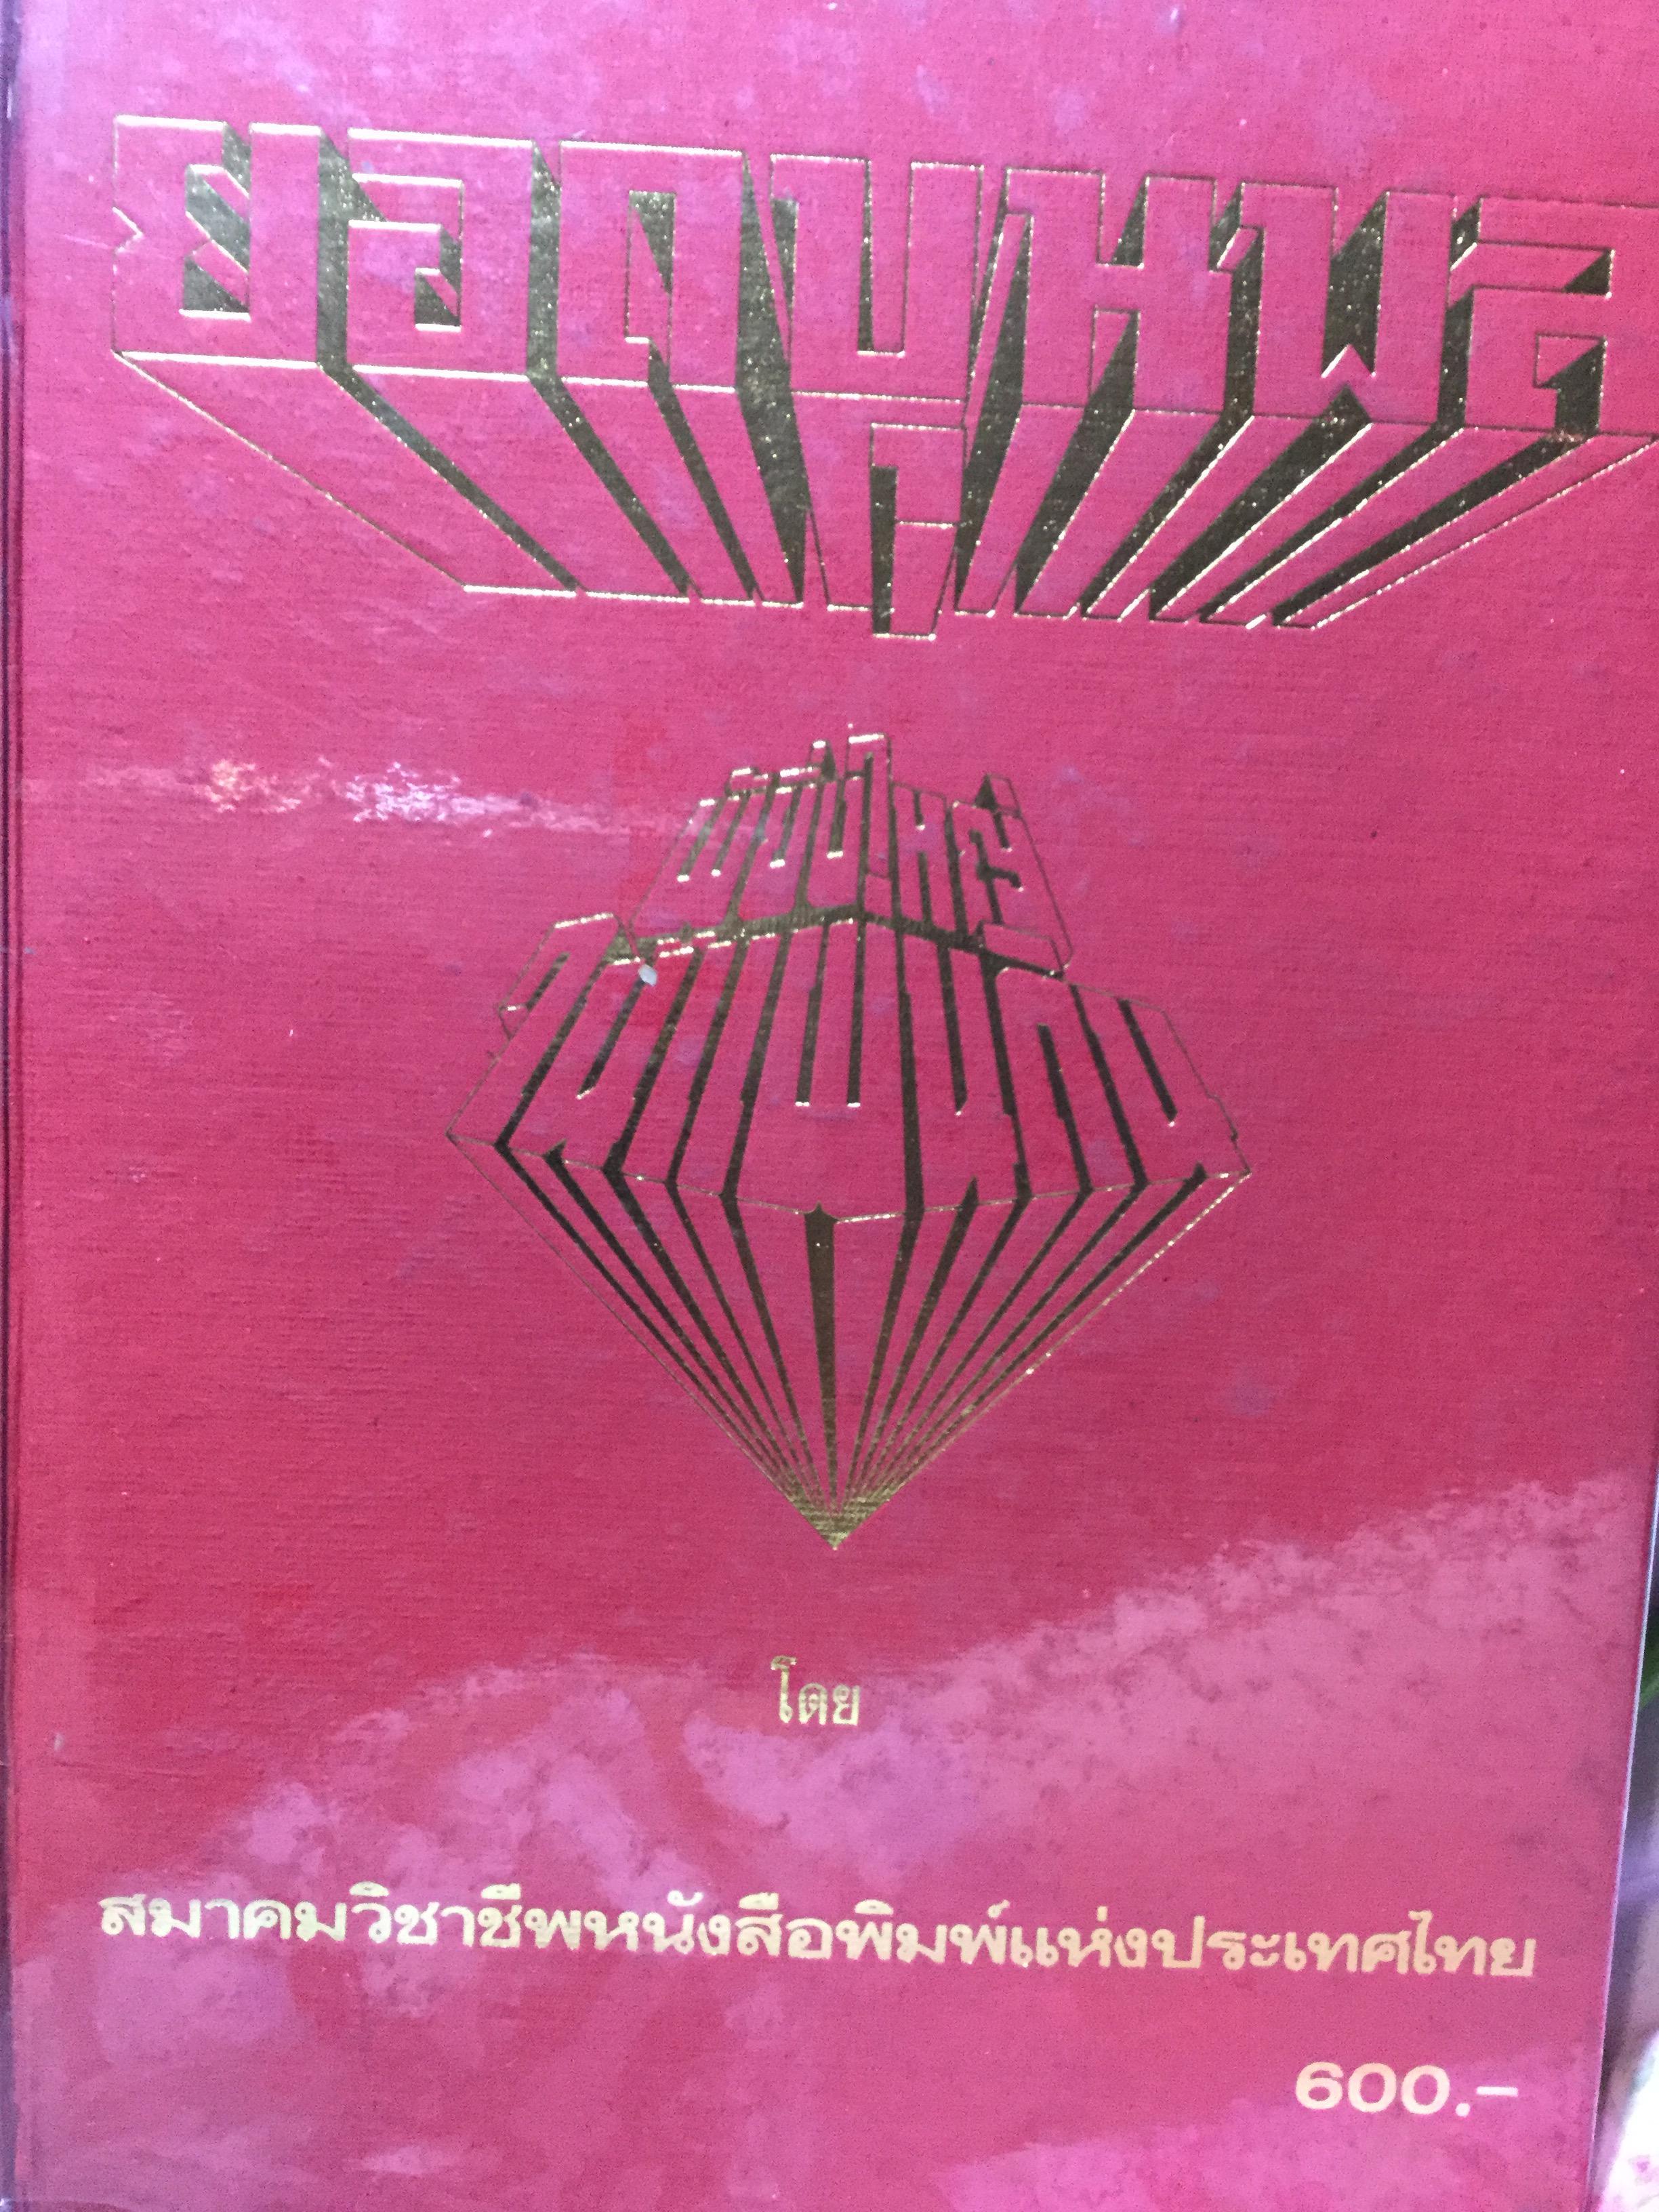 ยอดขุนพล ผู้ยิ่งใหญ่ในแผ่นดิน(จอมพลสฤษดิ์ ธนะรัชต์) จัดพิมพ์โดย สมาคมวิชาชีพหนังสือพิมพ์แห่งประเทศไทย